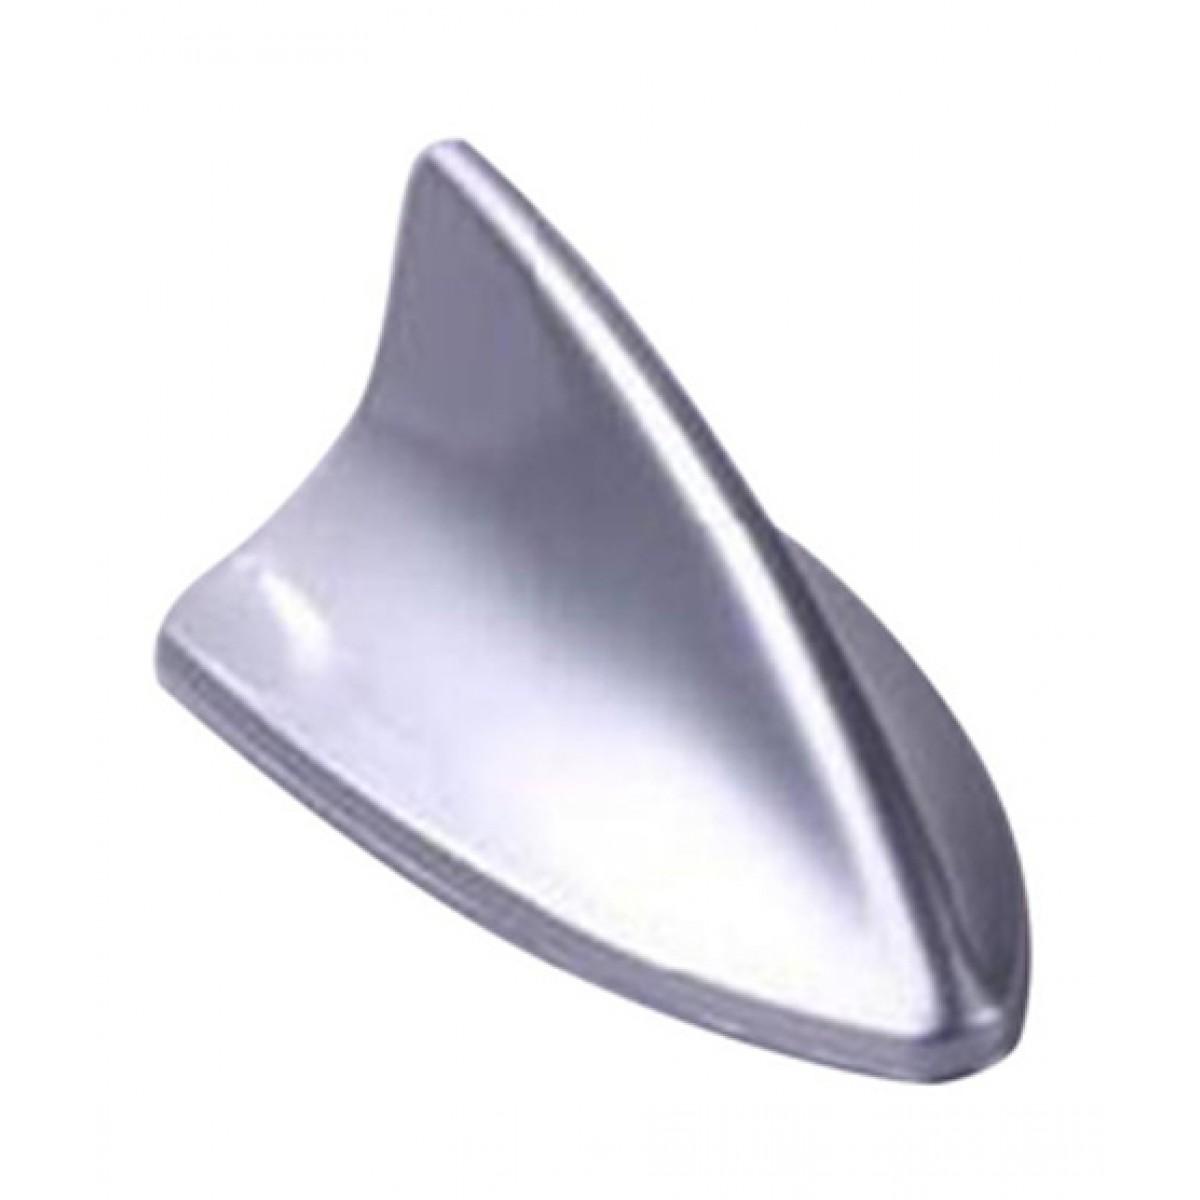 Wish Hub Universal Shark Fin Car Antenna Silver